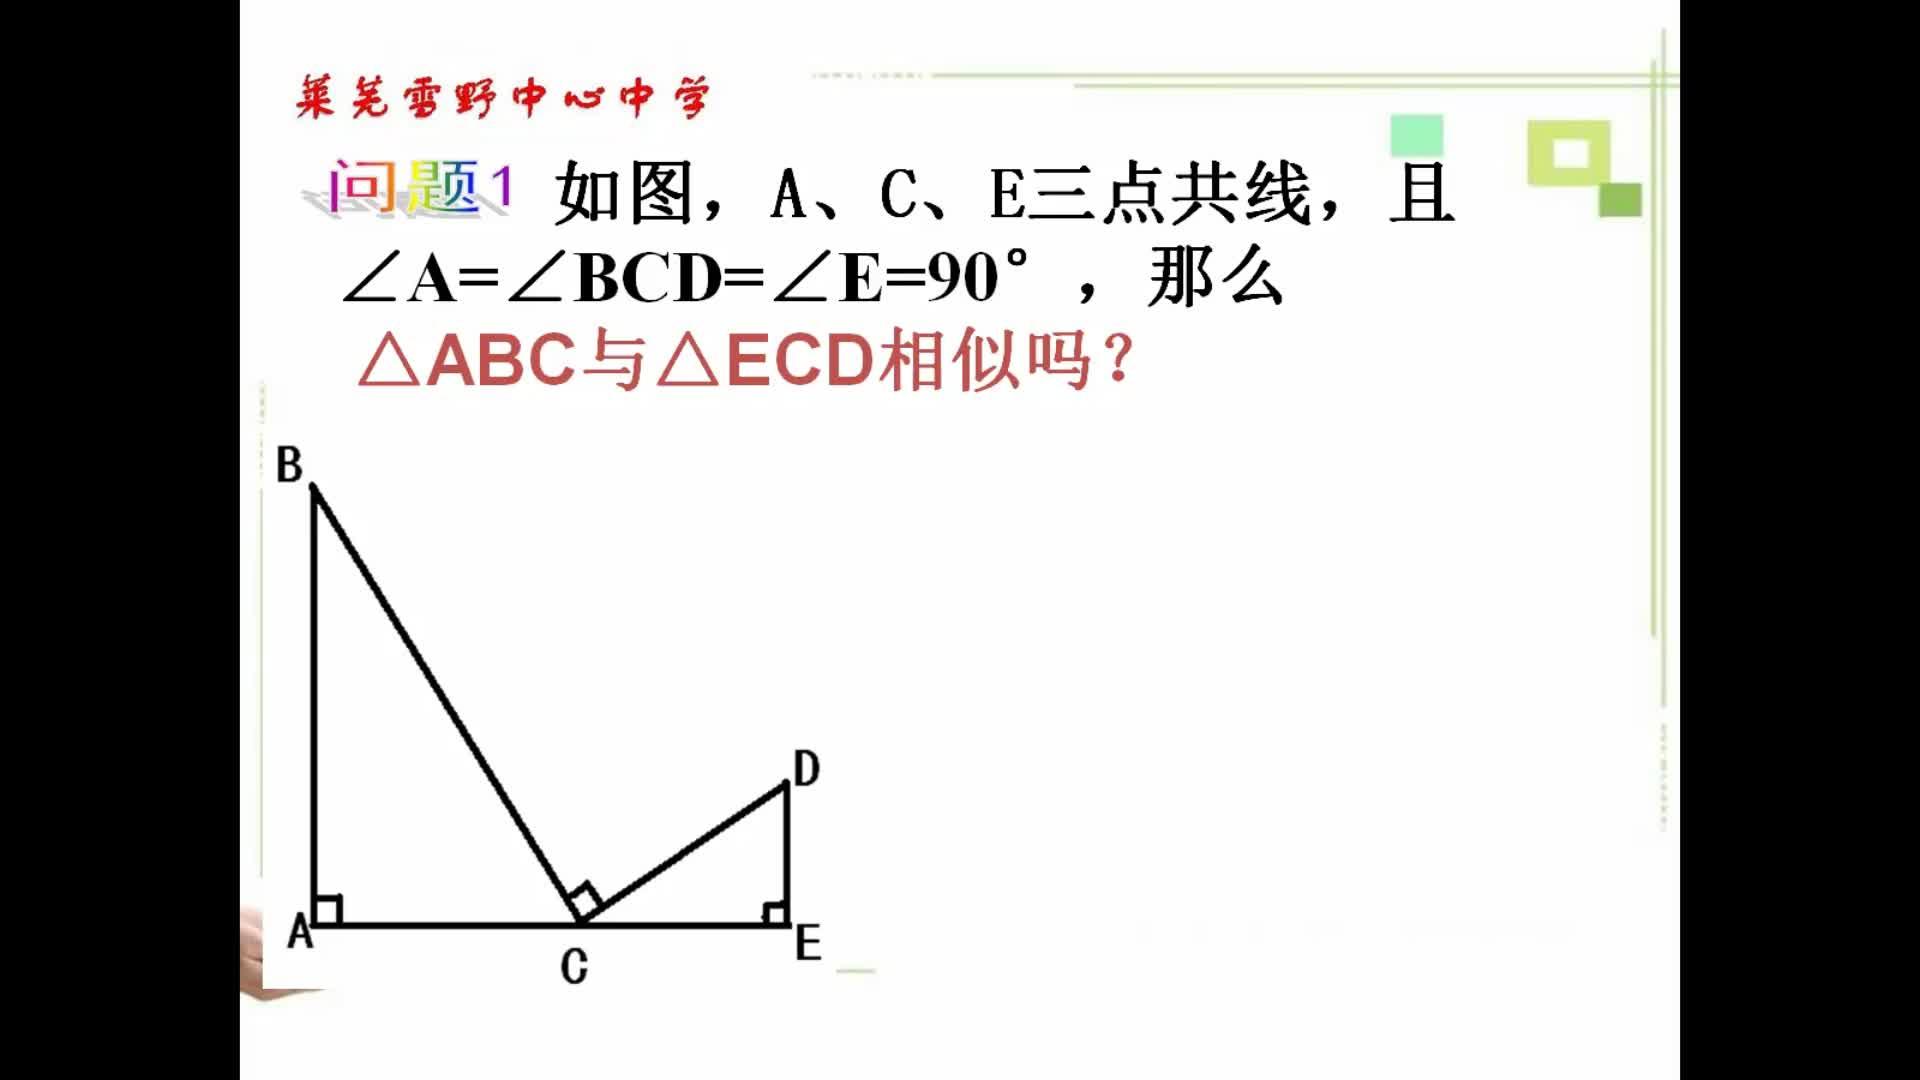 鲁教版 八年级数学下册 第九章 相似三角形的基本模型2-视频微课堂 鲁教版 八年级数学下册 第九章 相似三角形的基本模型2-视频微课堂 鲁教版 八年级数学下册 第九章 相似三角形的基本模型2-视频微课堂 [来自e网通客户端]